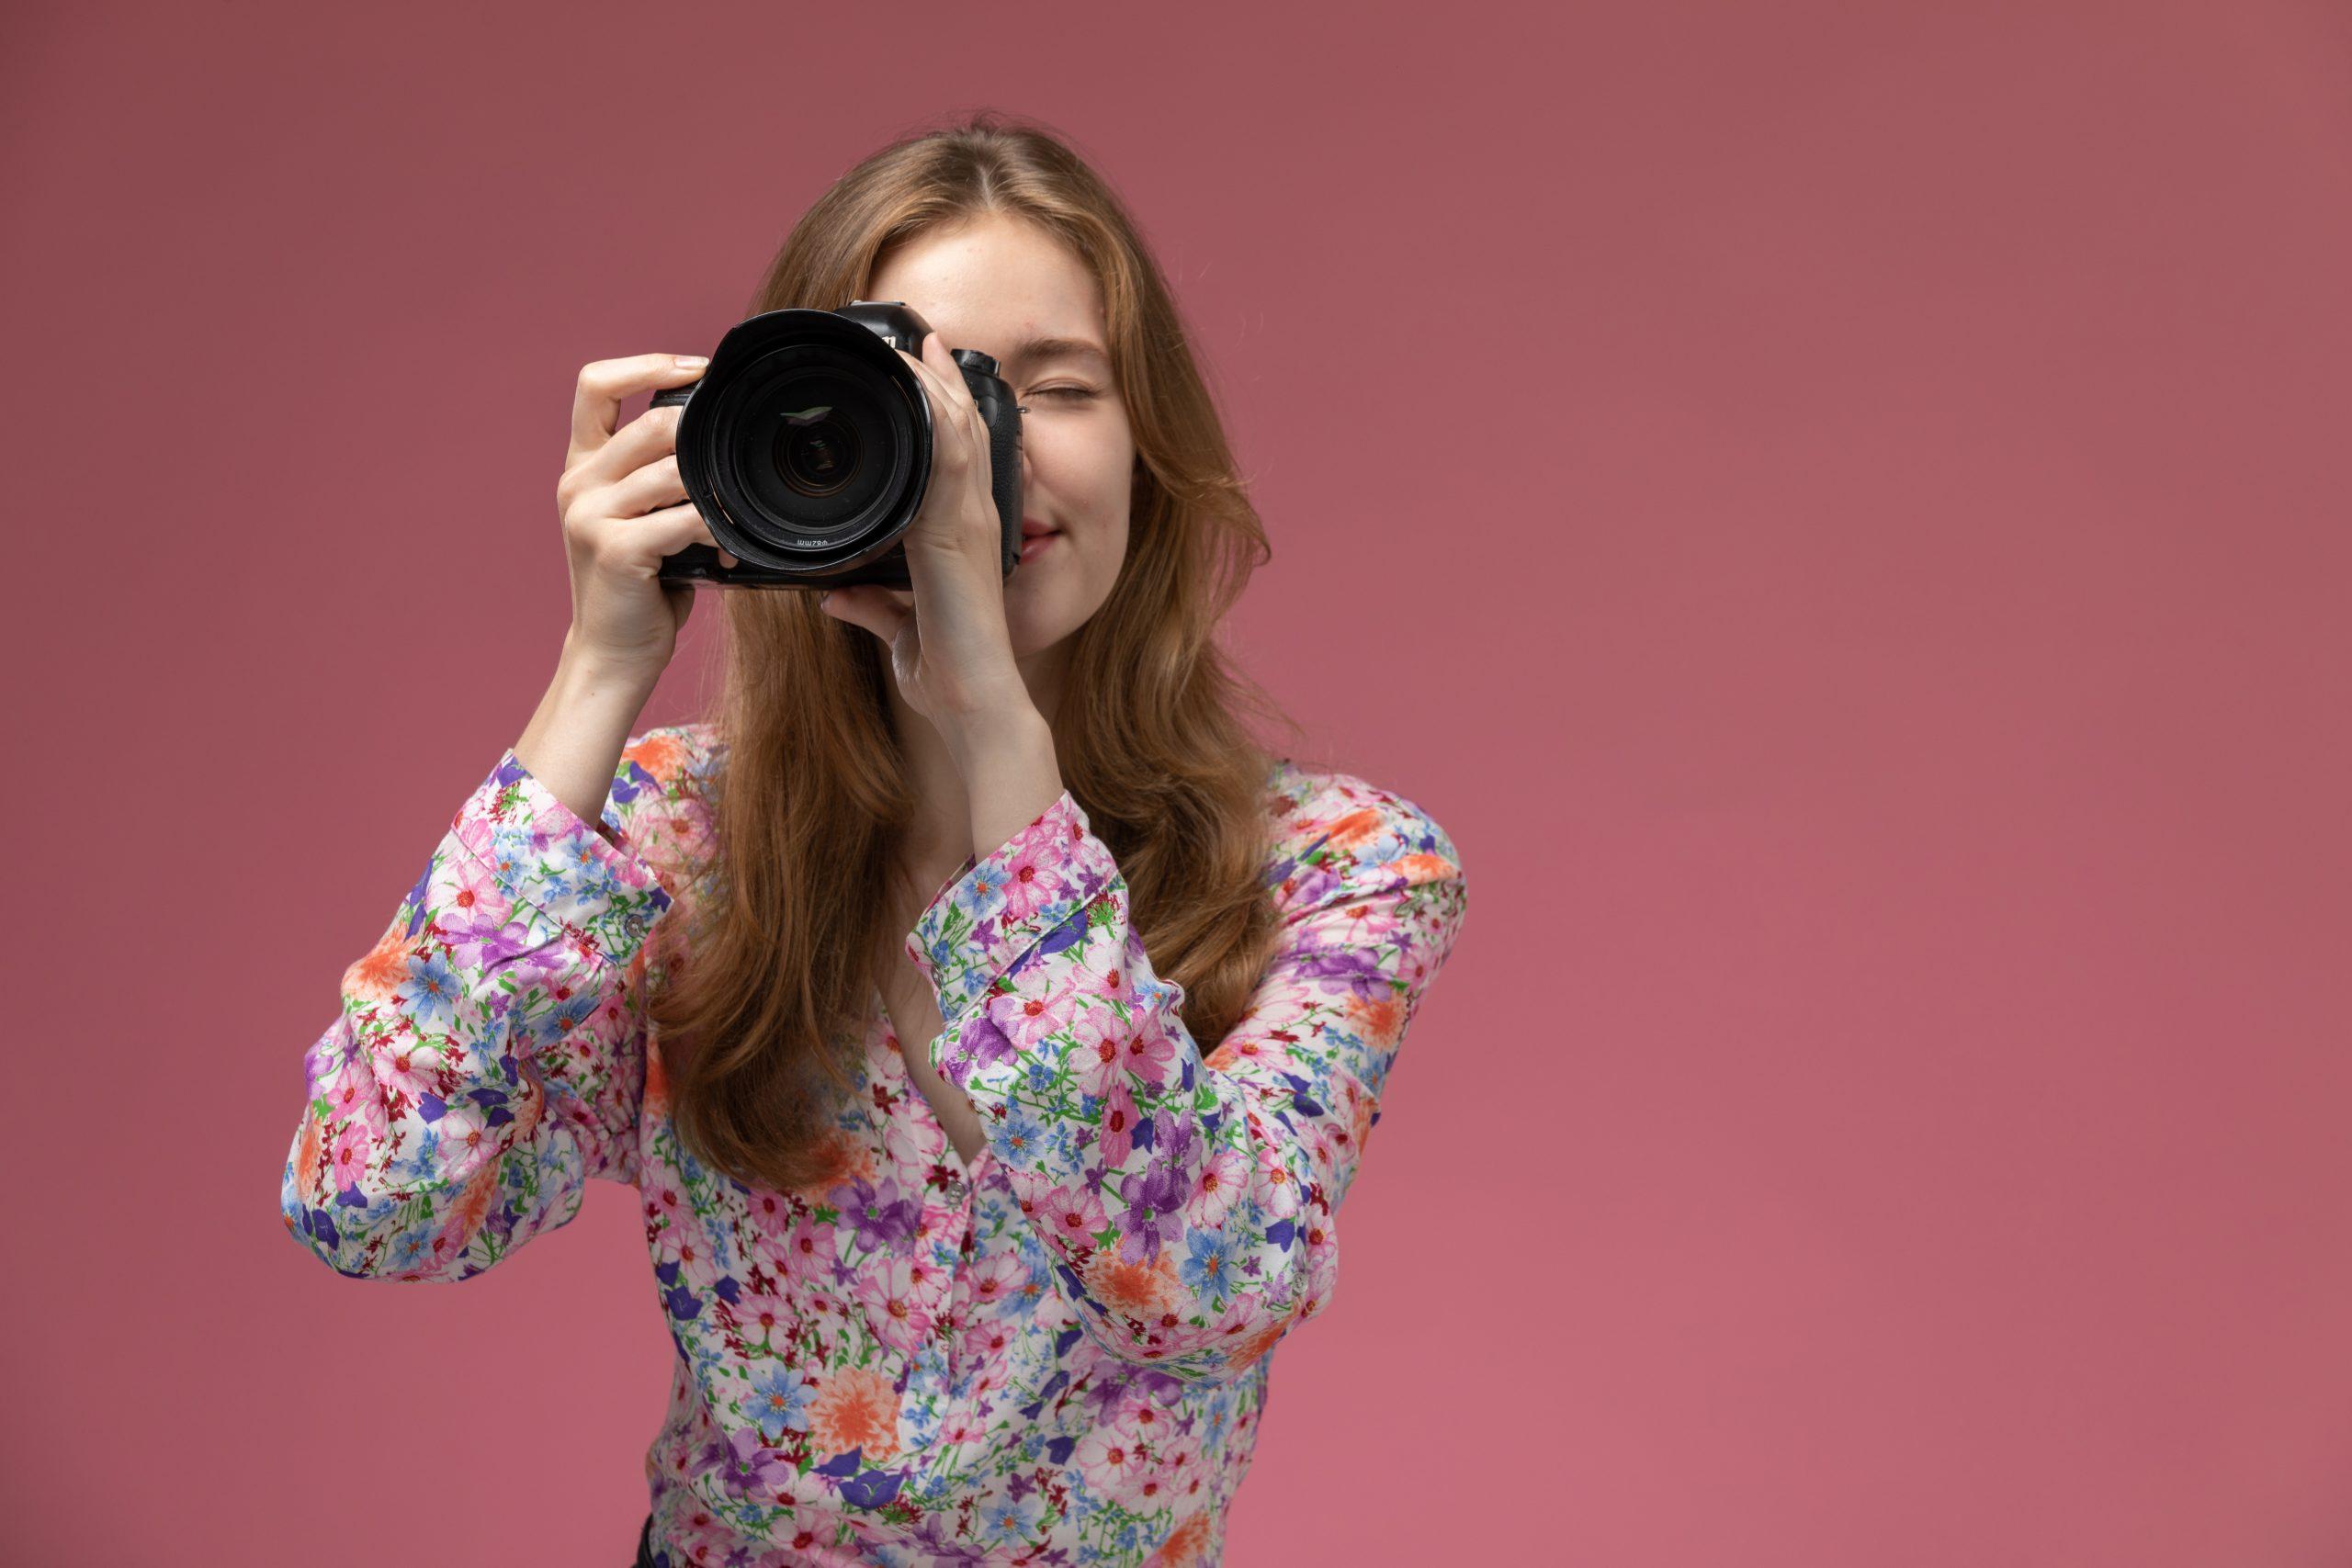 fotografa stock freepik